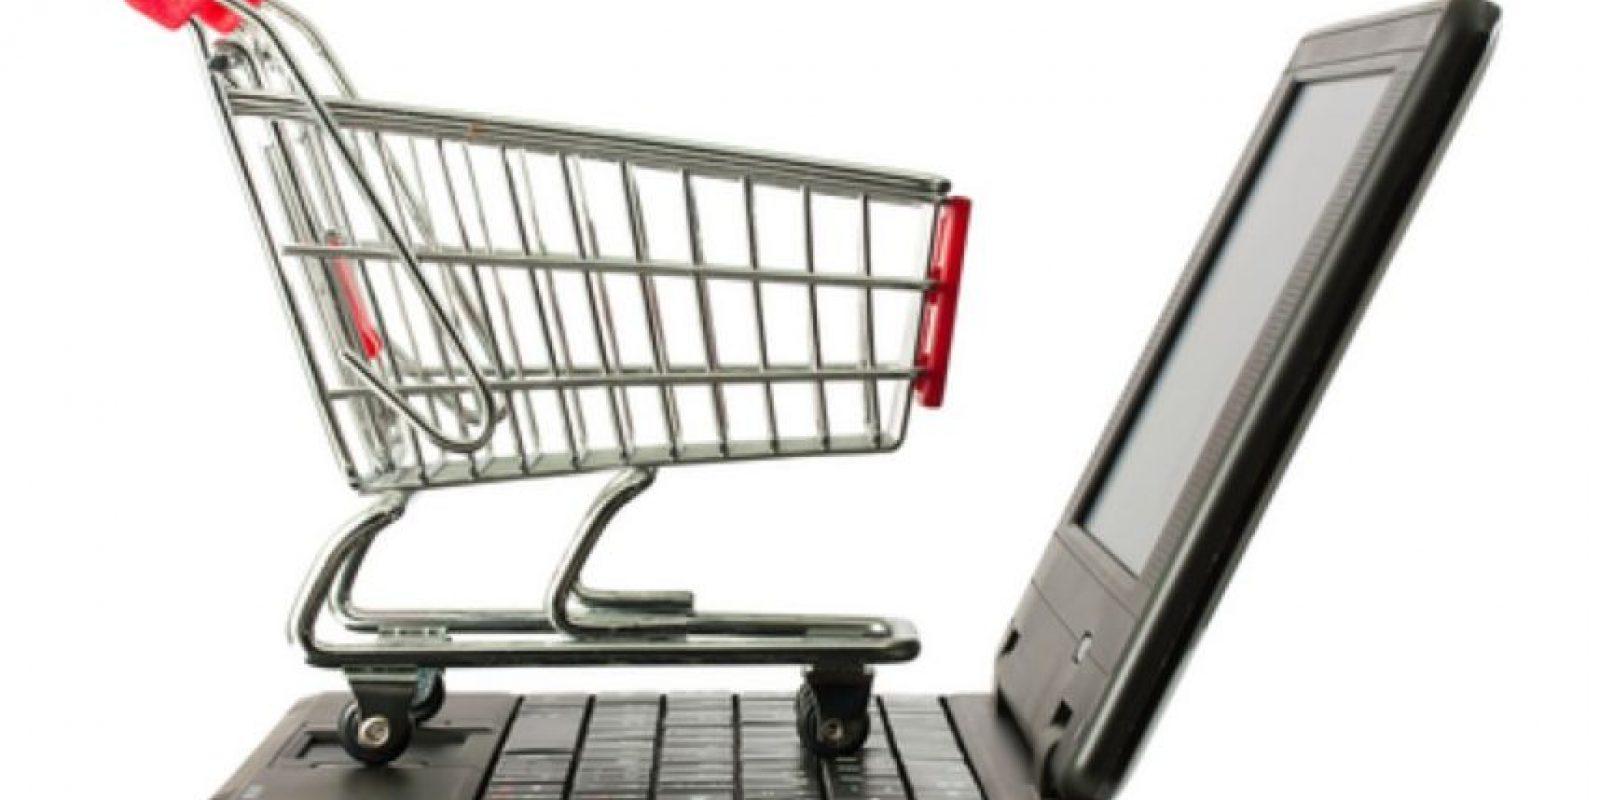 Se incentiva el comercio digital, de esa forma podrían hacer una compra en Internet y recibirla en la puerta de su casa. Foto:Pinterest